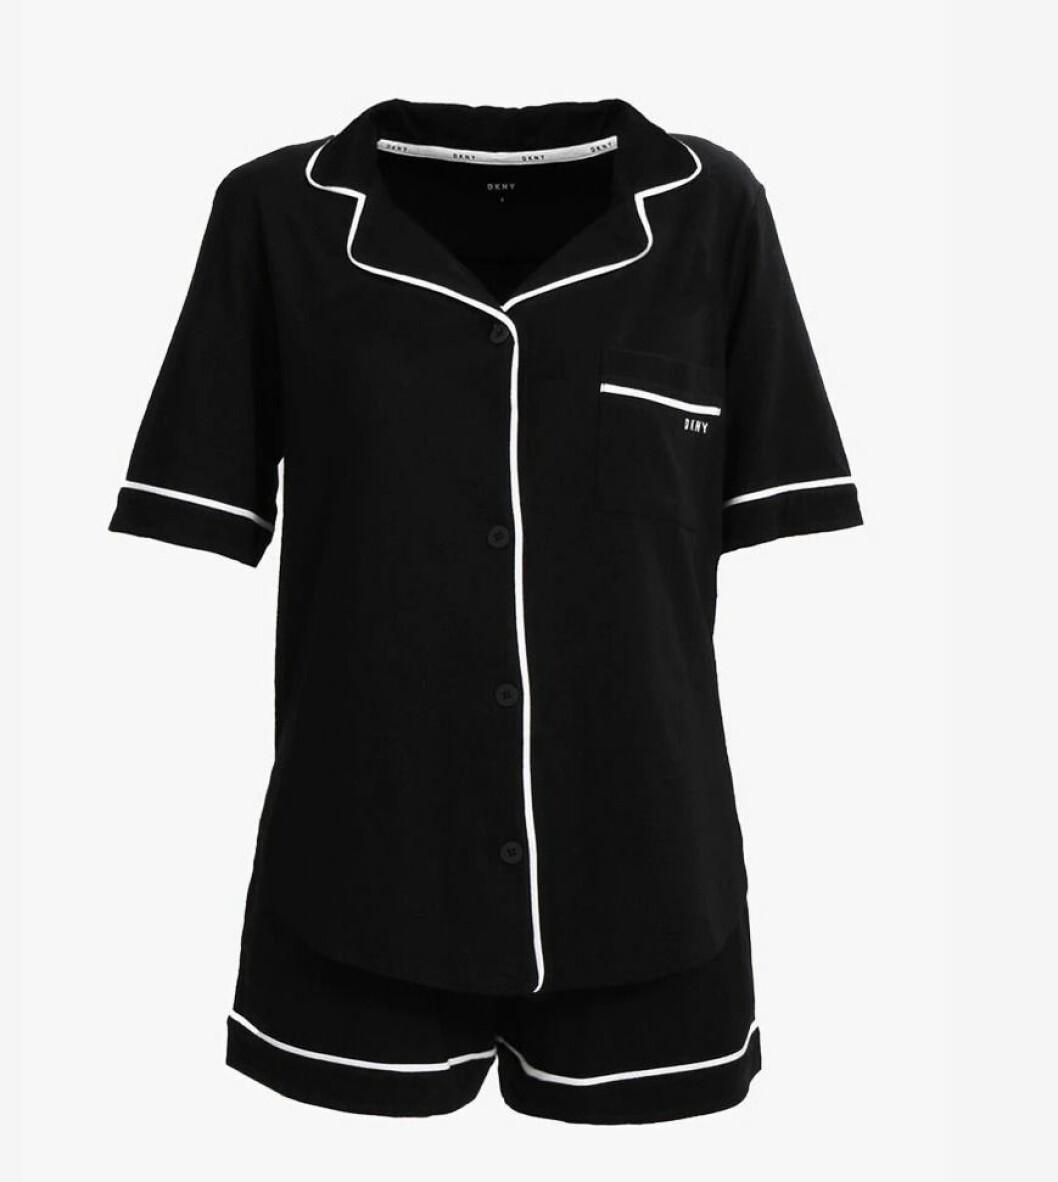 Pysj fra DKNY |879,-| https://www.zalando.no/dkny-intimates-top-and-boxer-pyjamas-1dk81p008-q11.html